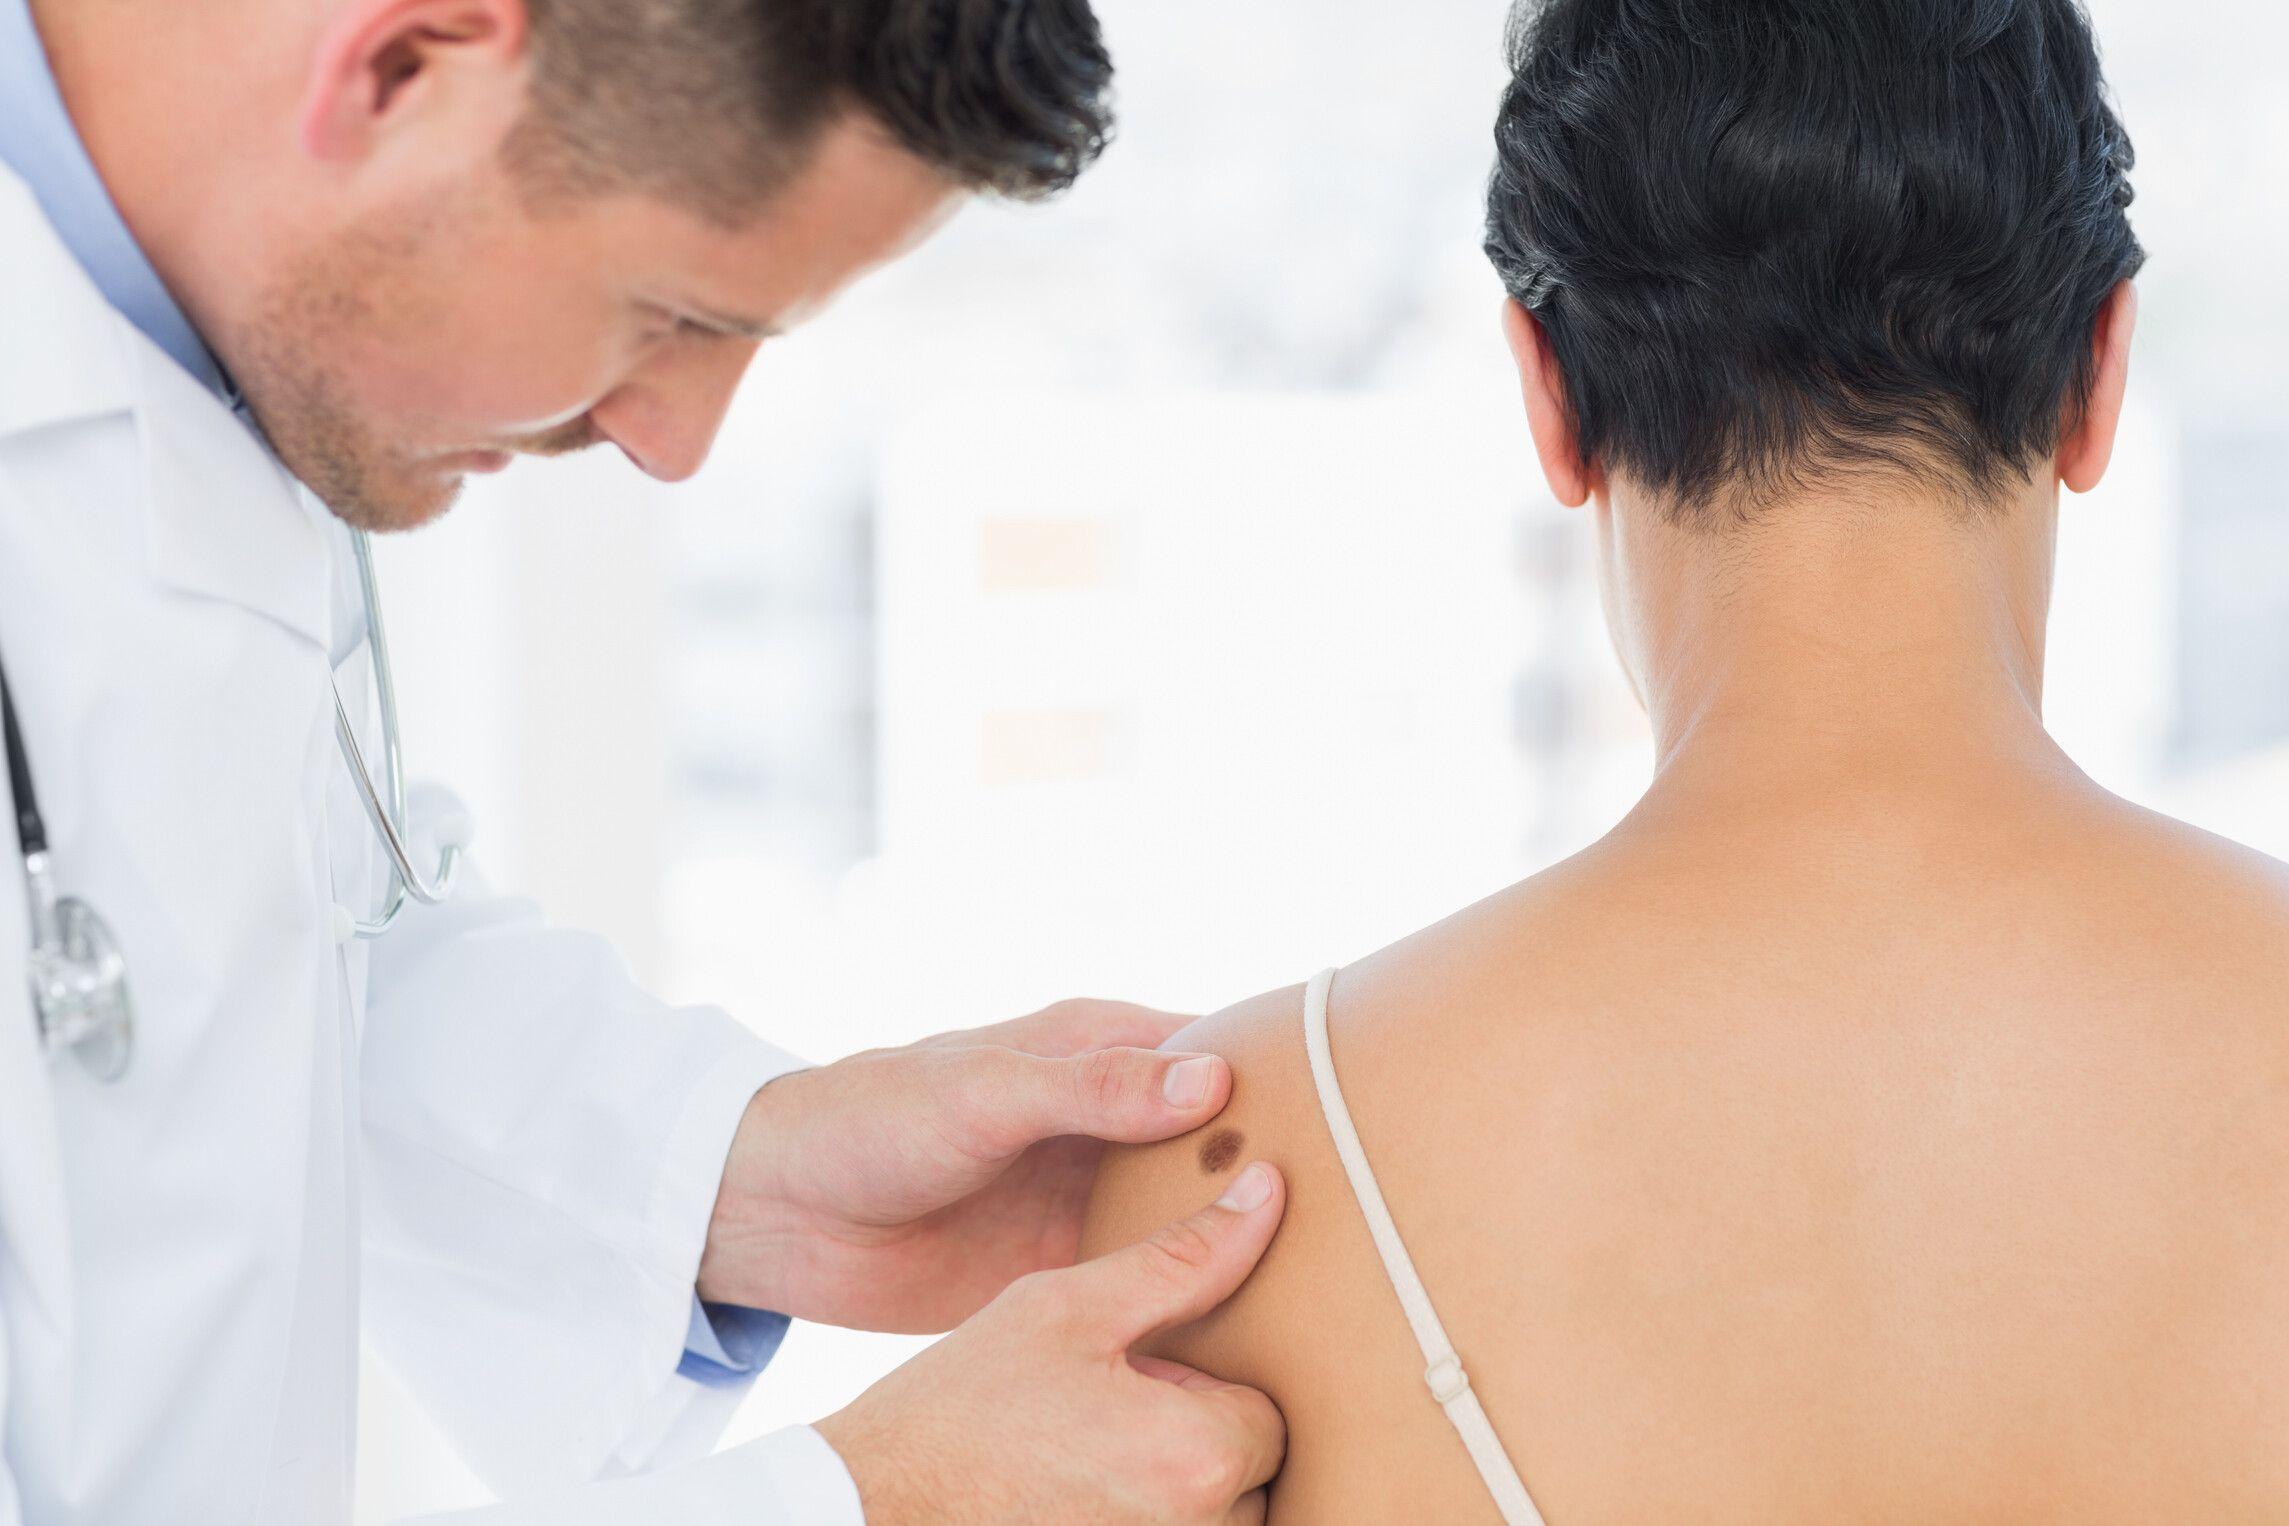 Durch das Hautkrebs-Screening ist es möglich, bereits Frühstadien von Hautkrebs zu erkennen. (Foto: AOK/hfr.)